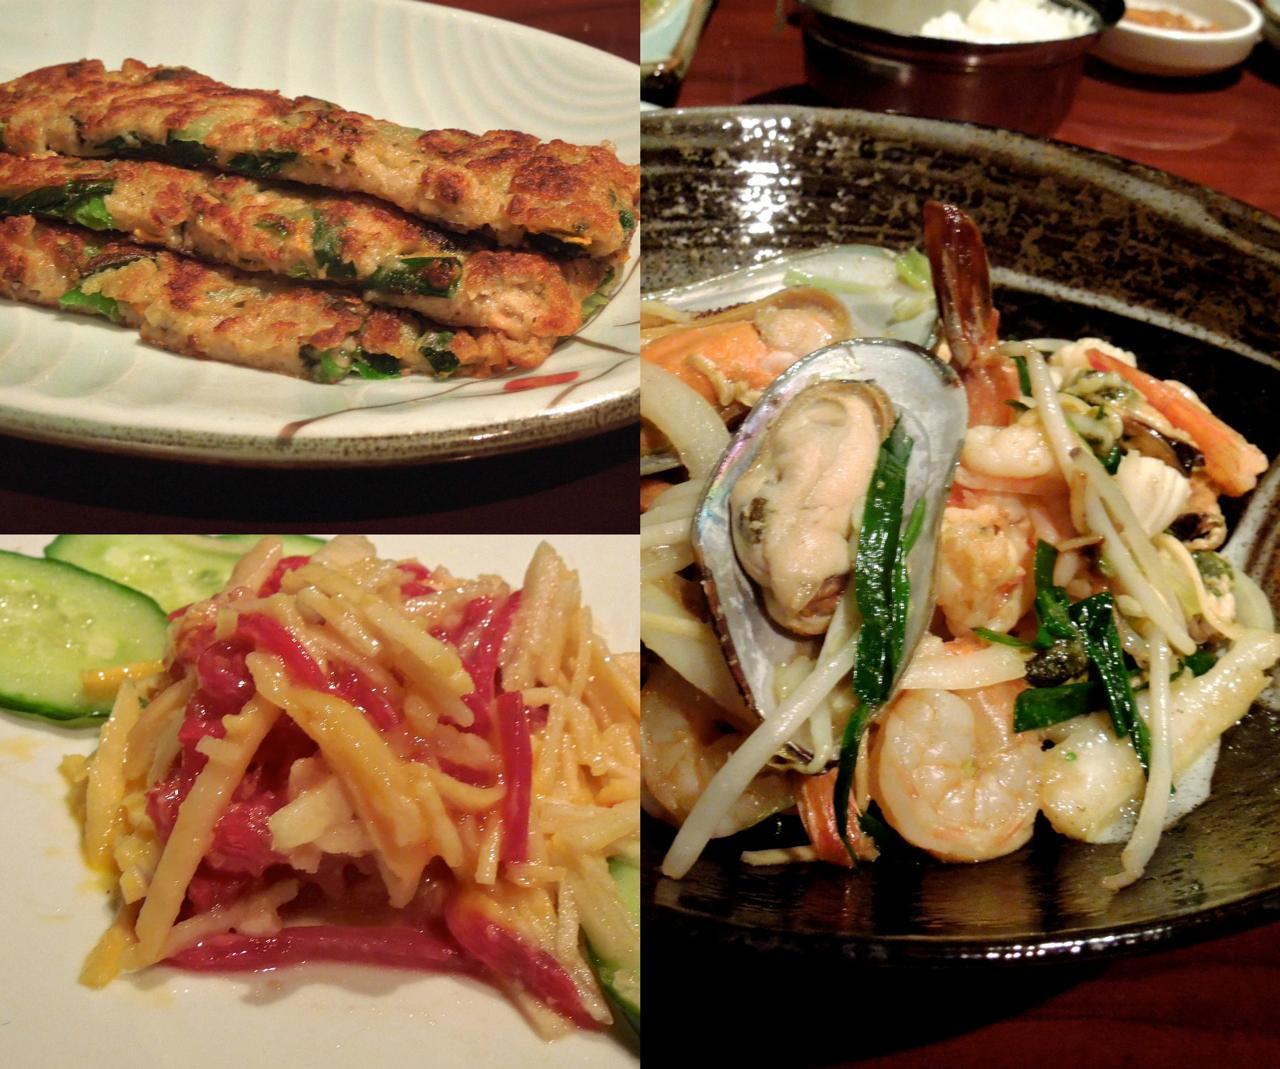 チヂミは撃沈、が、海鮮ヌードルは美味しい☆ さてユッケのお味は・・・